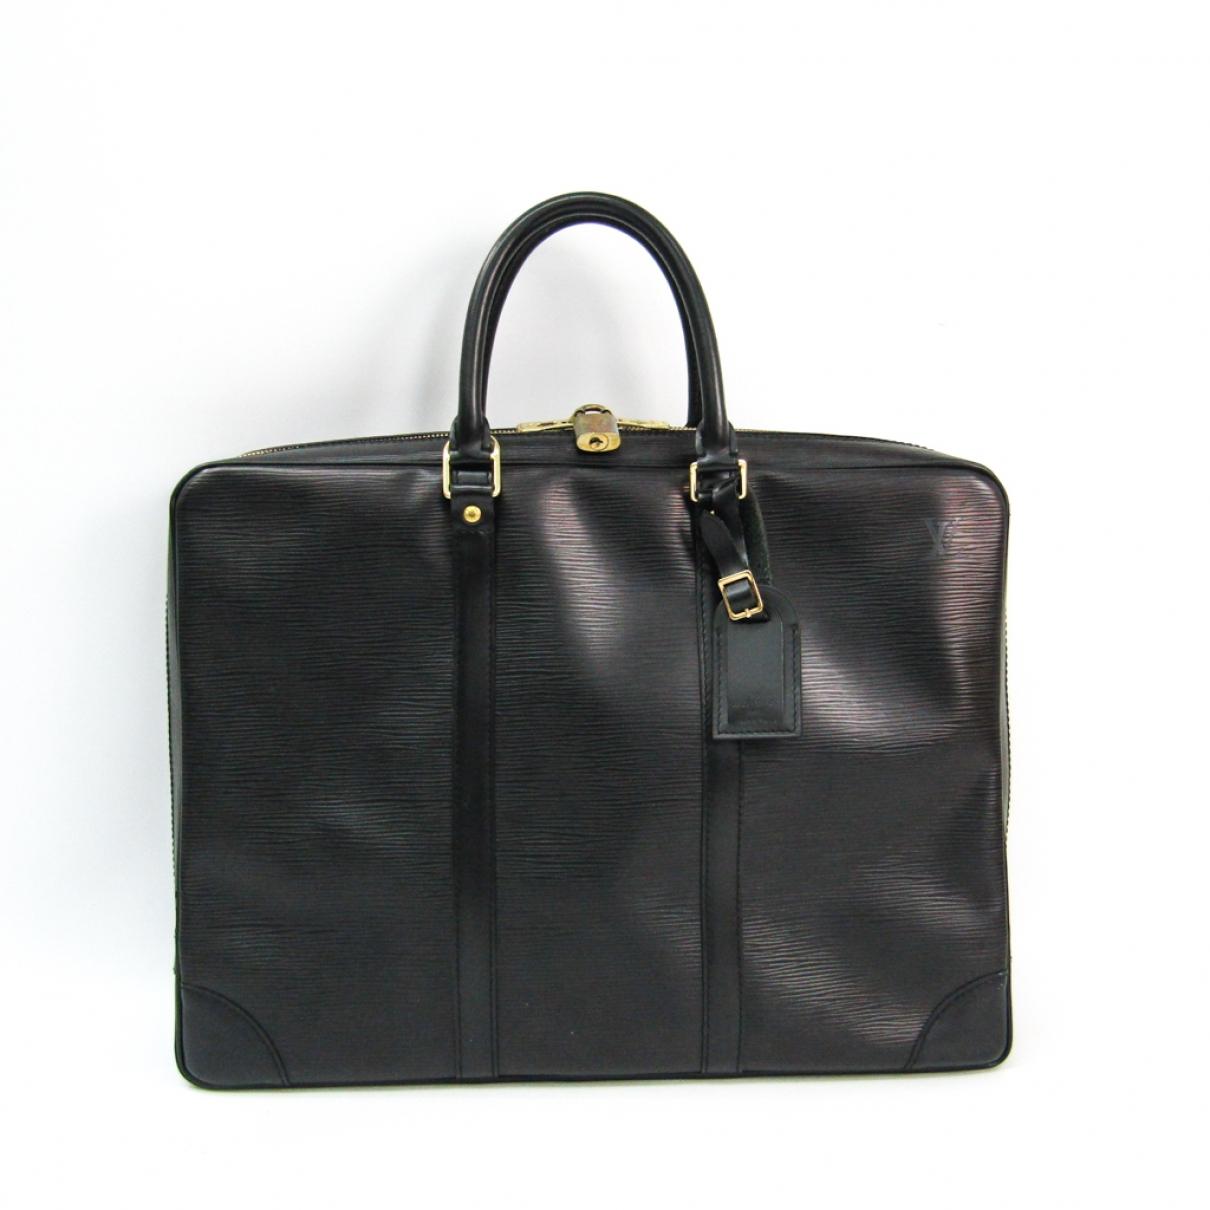 Louis Vuitton Porte Documents Voyage Black Leather handbag for Women \N